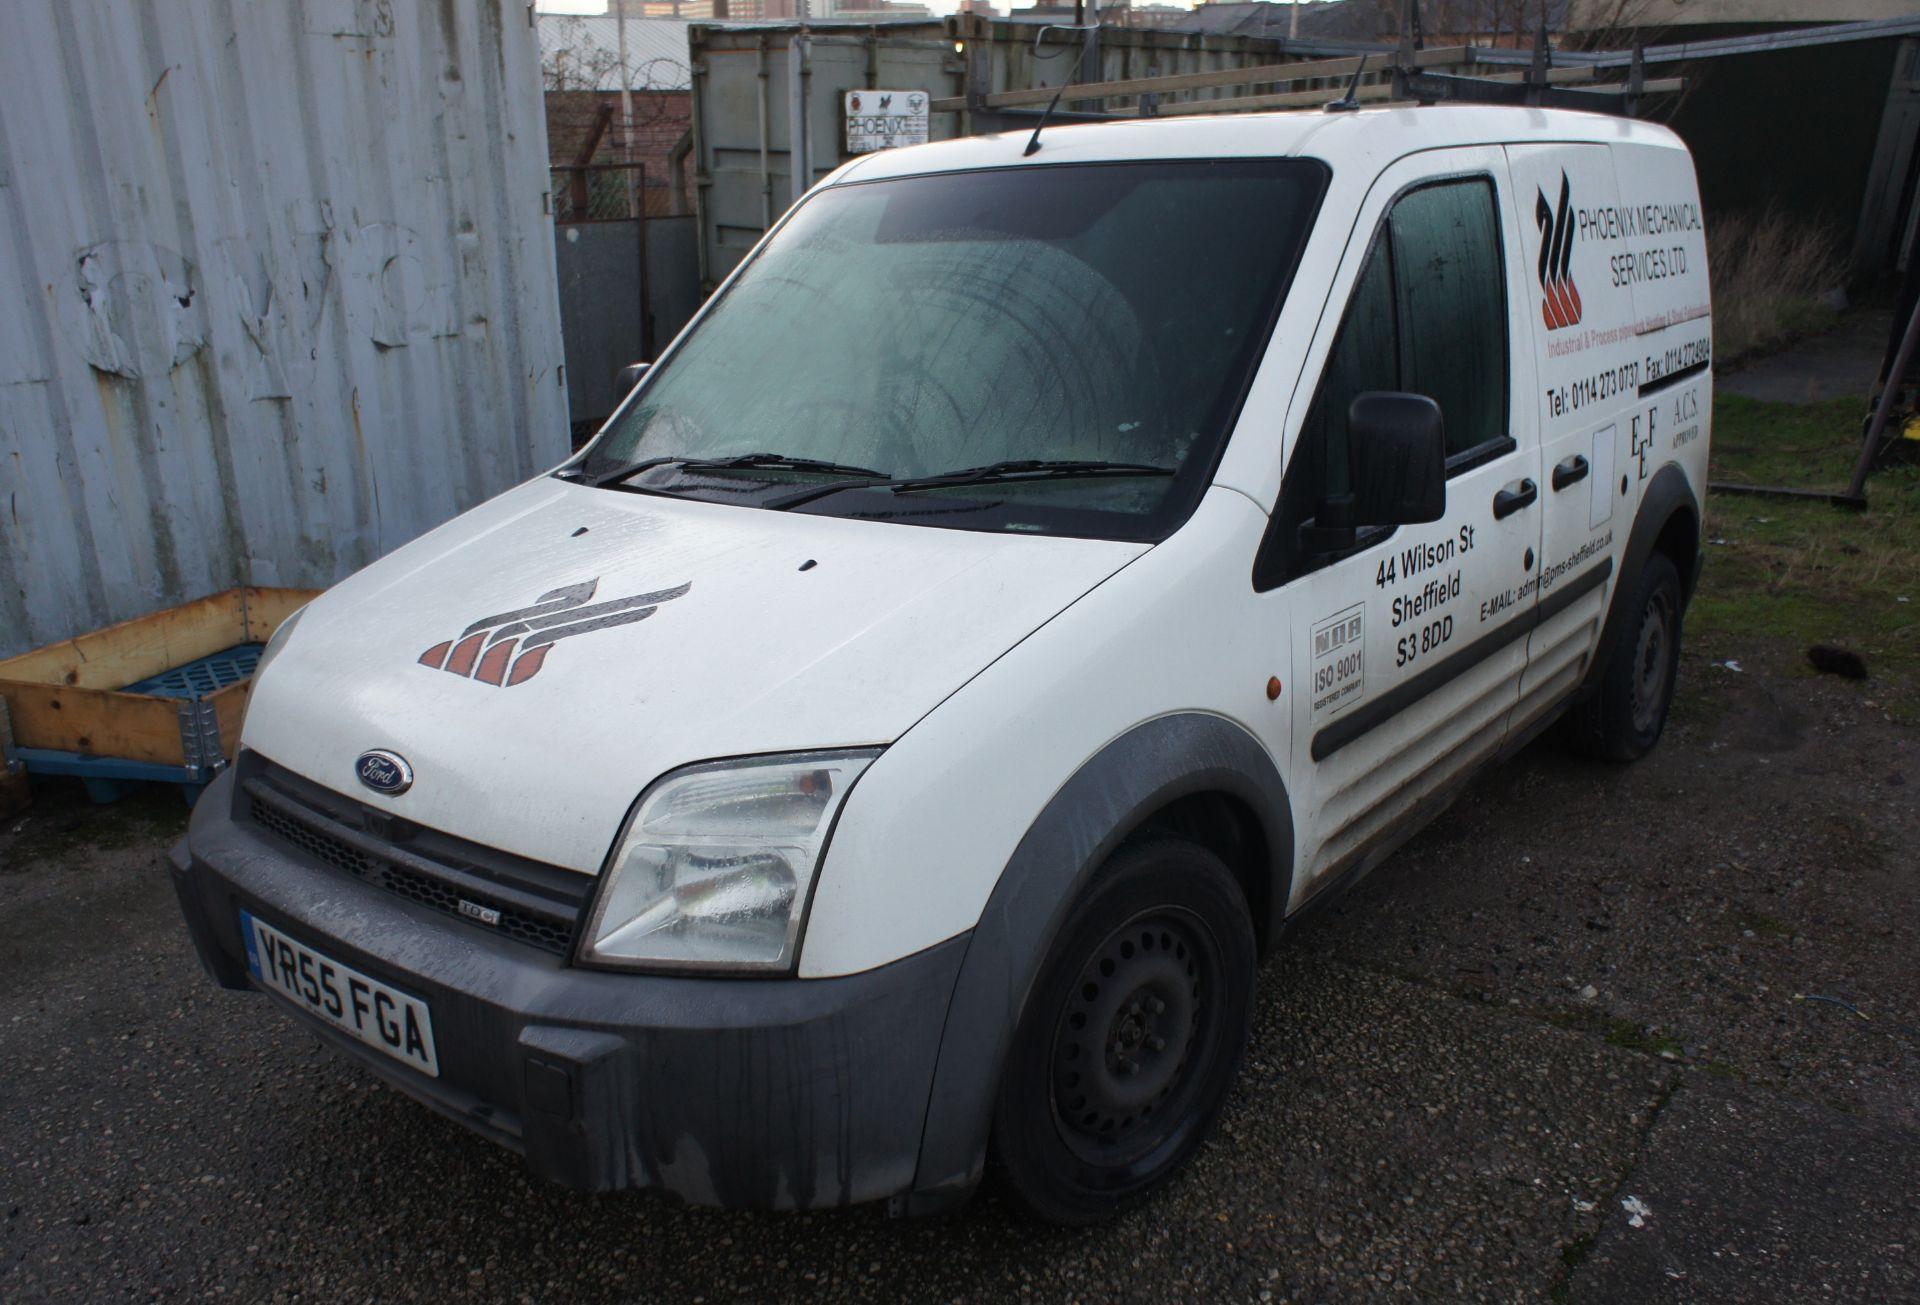 Ford Transit Connect 200 SWB low roof Van, diesel,